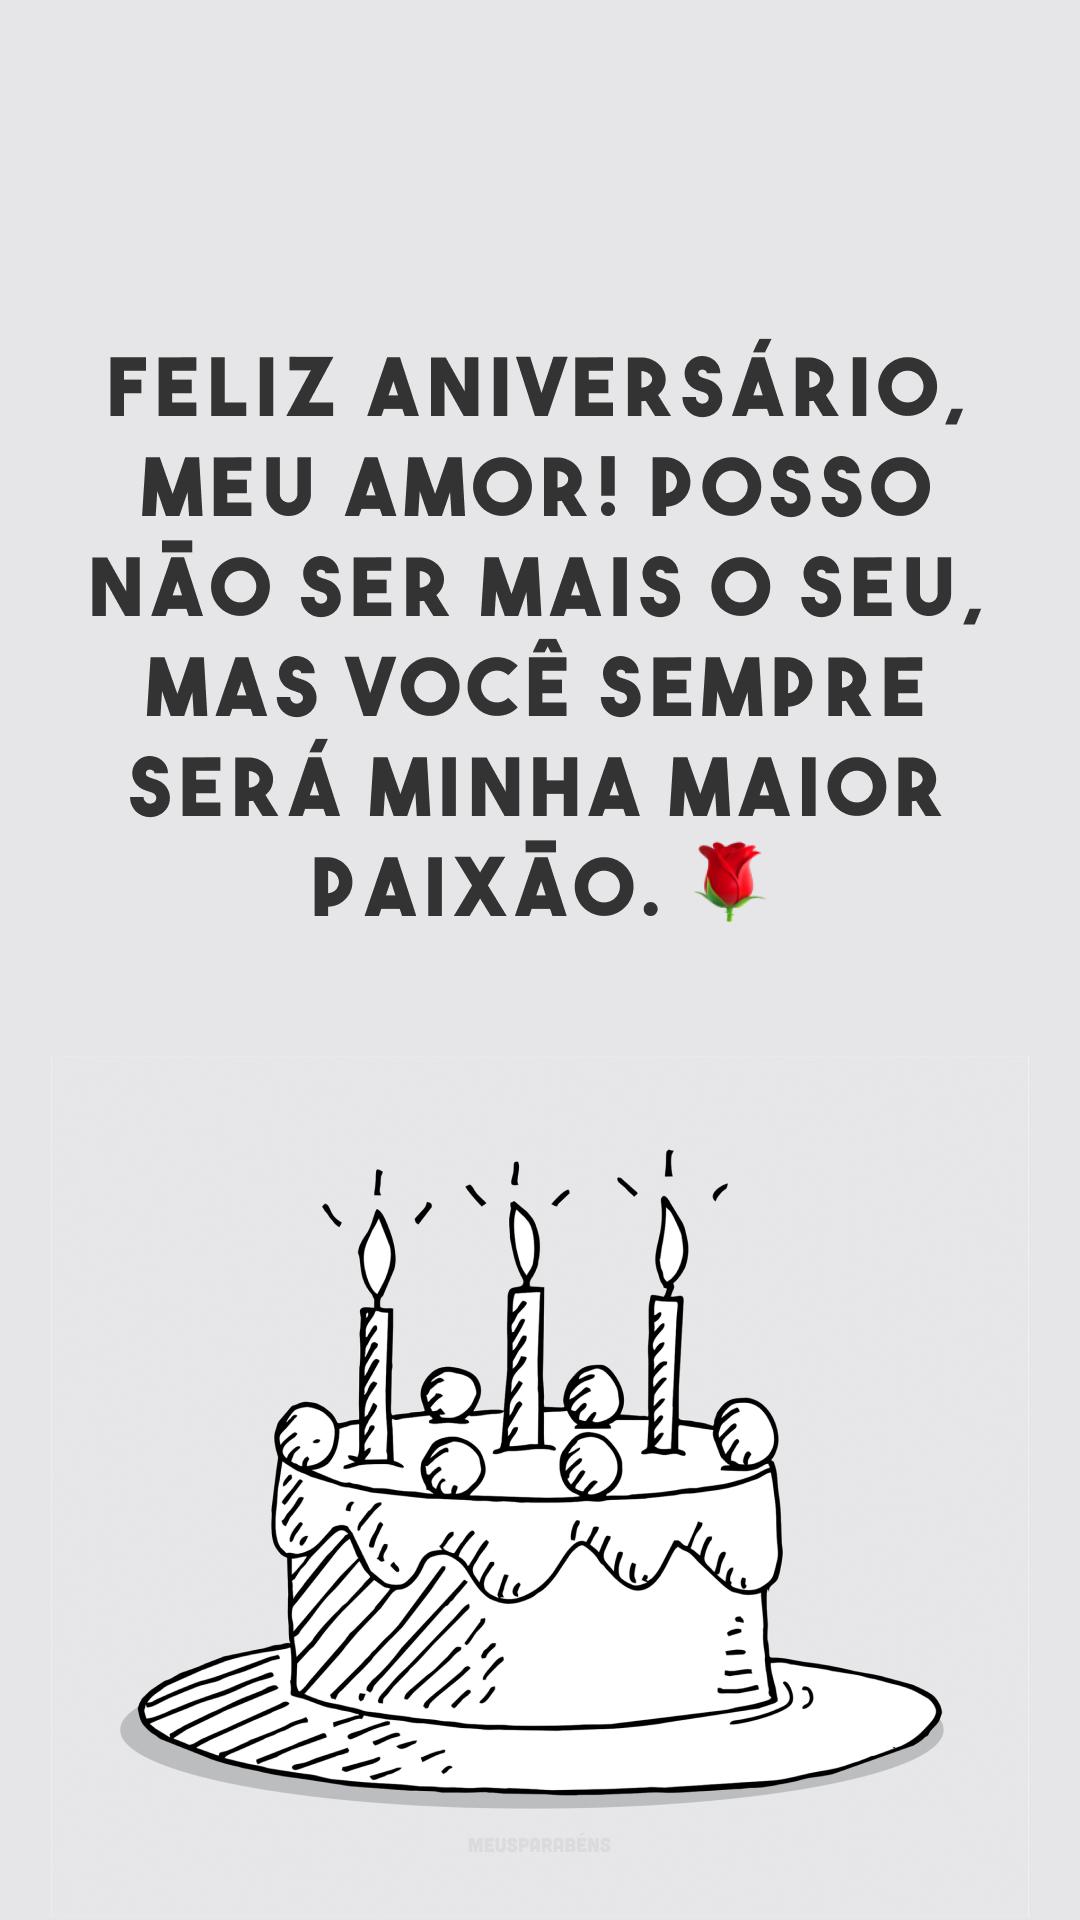 Feliz aniversário, meu amor! Posso não ser mais o seu, mas você sempre será minha maior paixão. 🌹